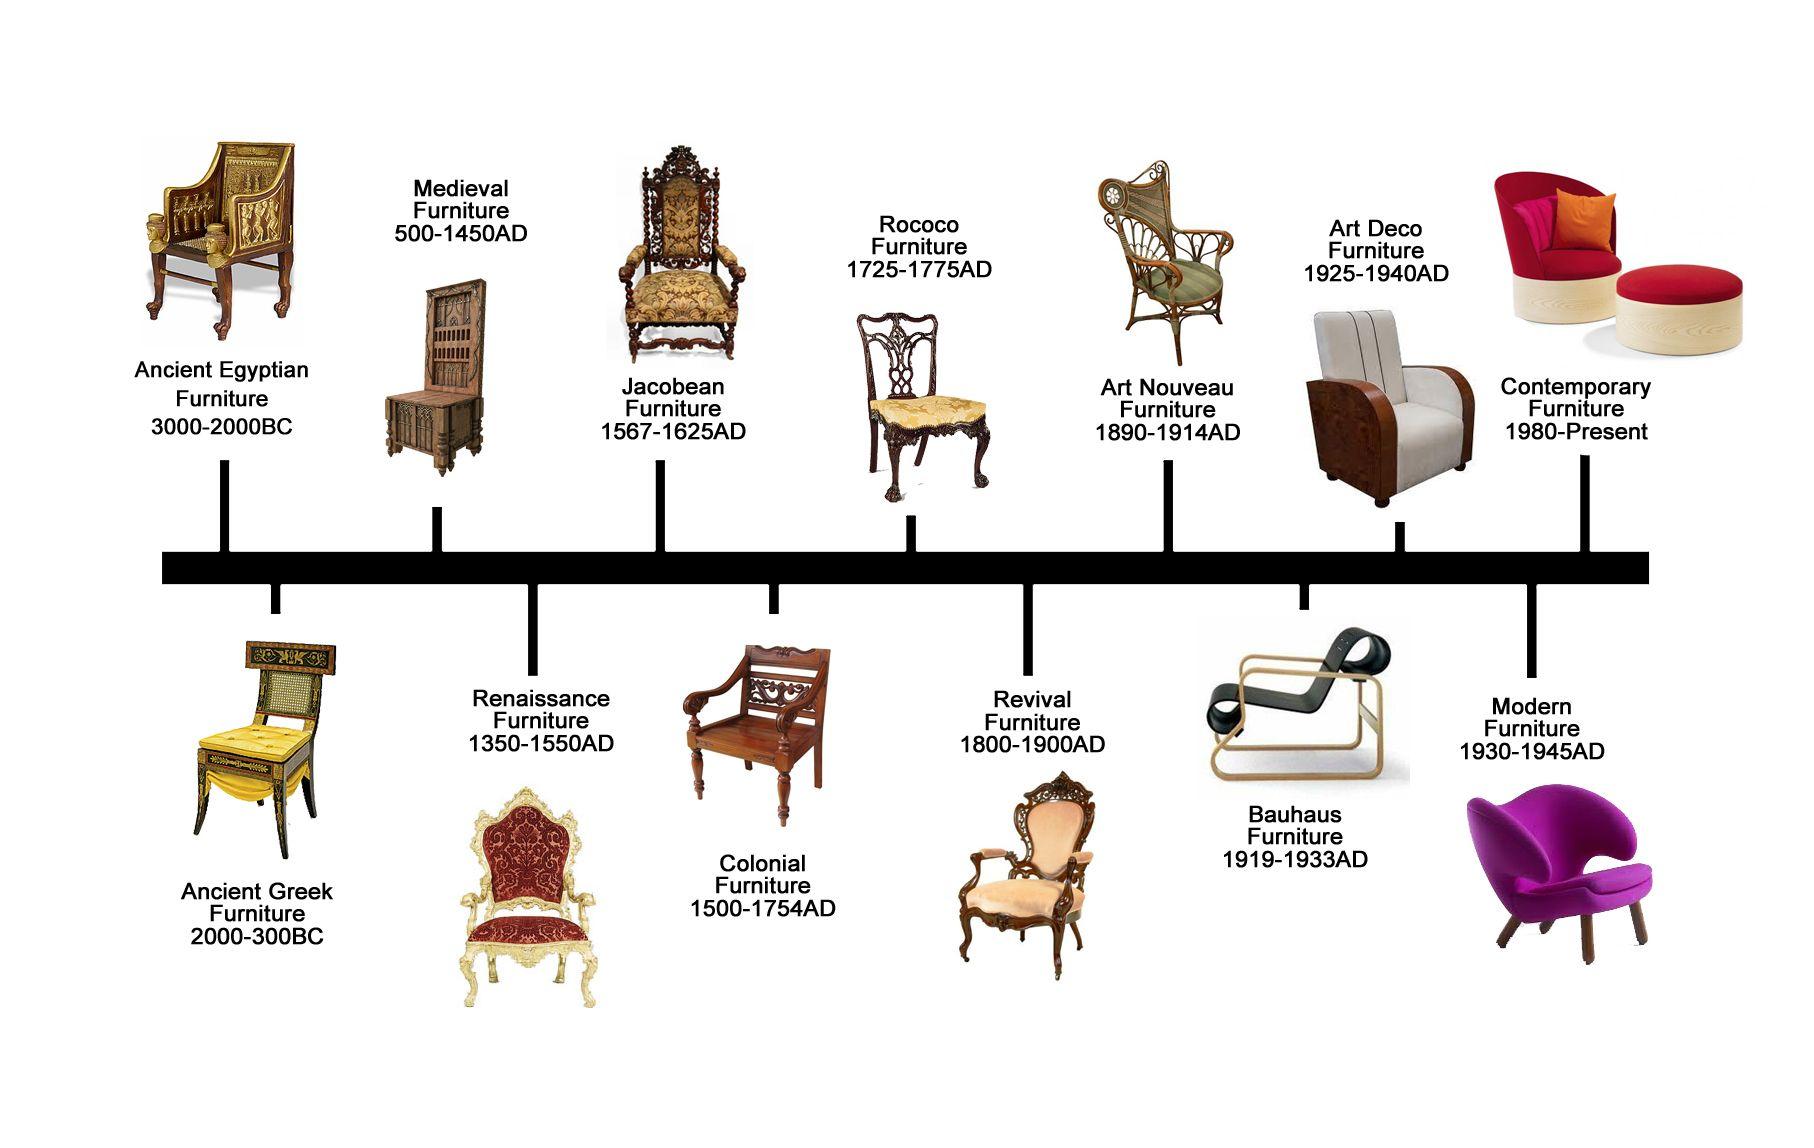 History Of Furniture Timeline